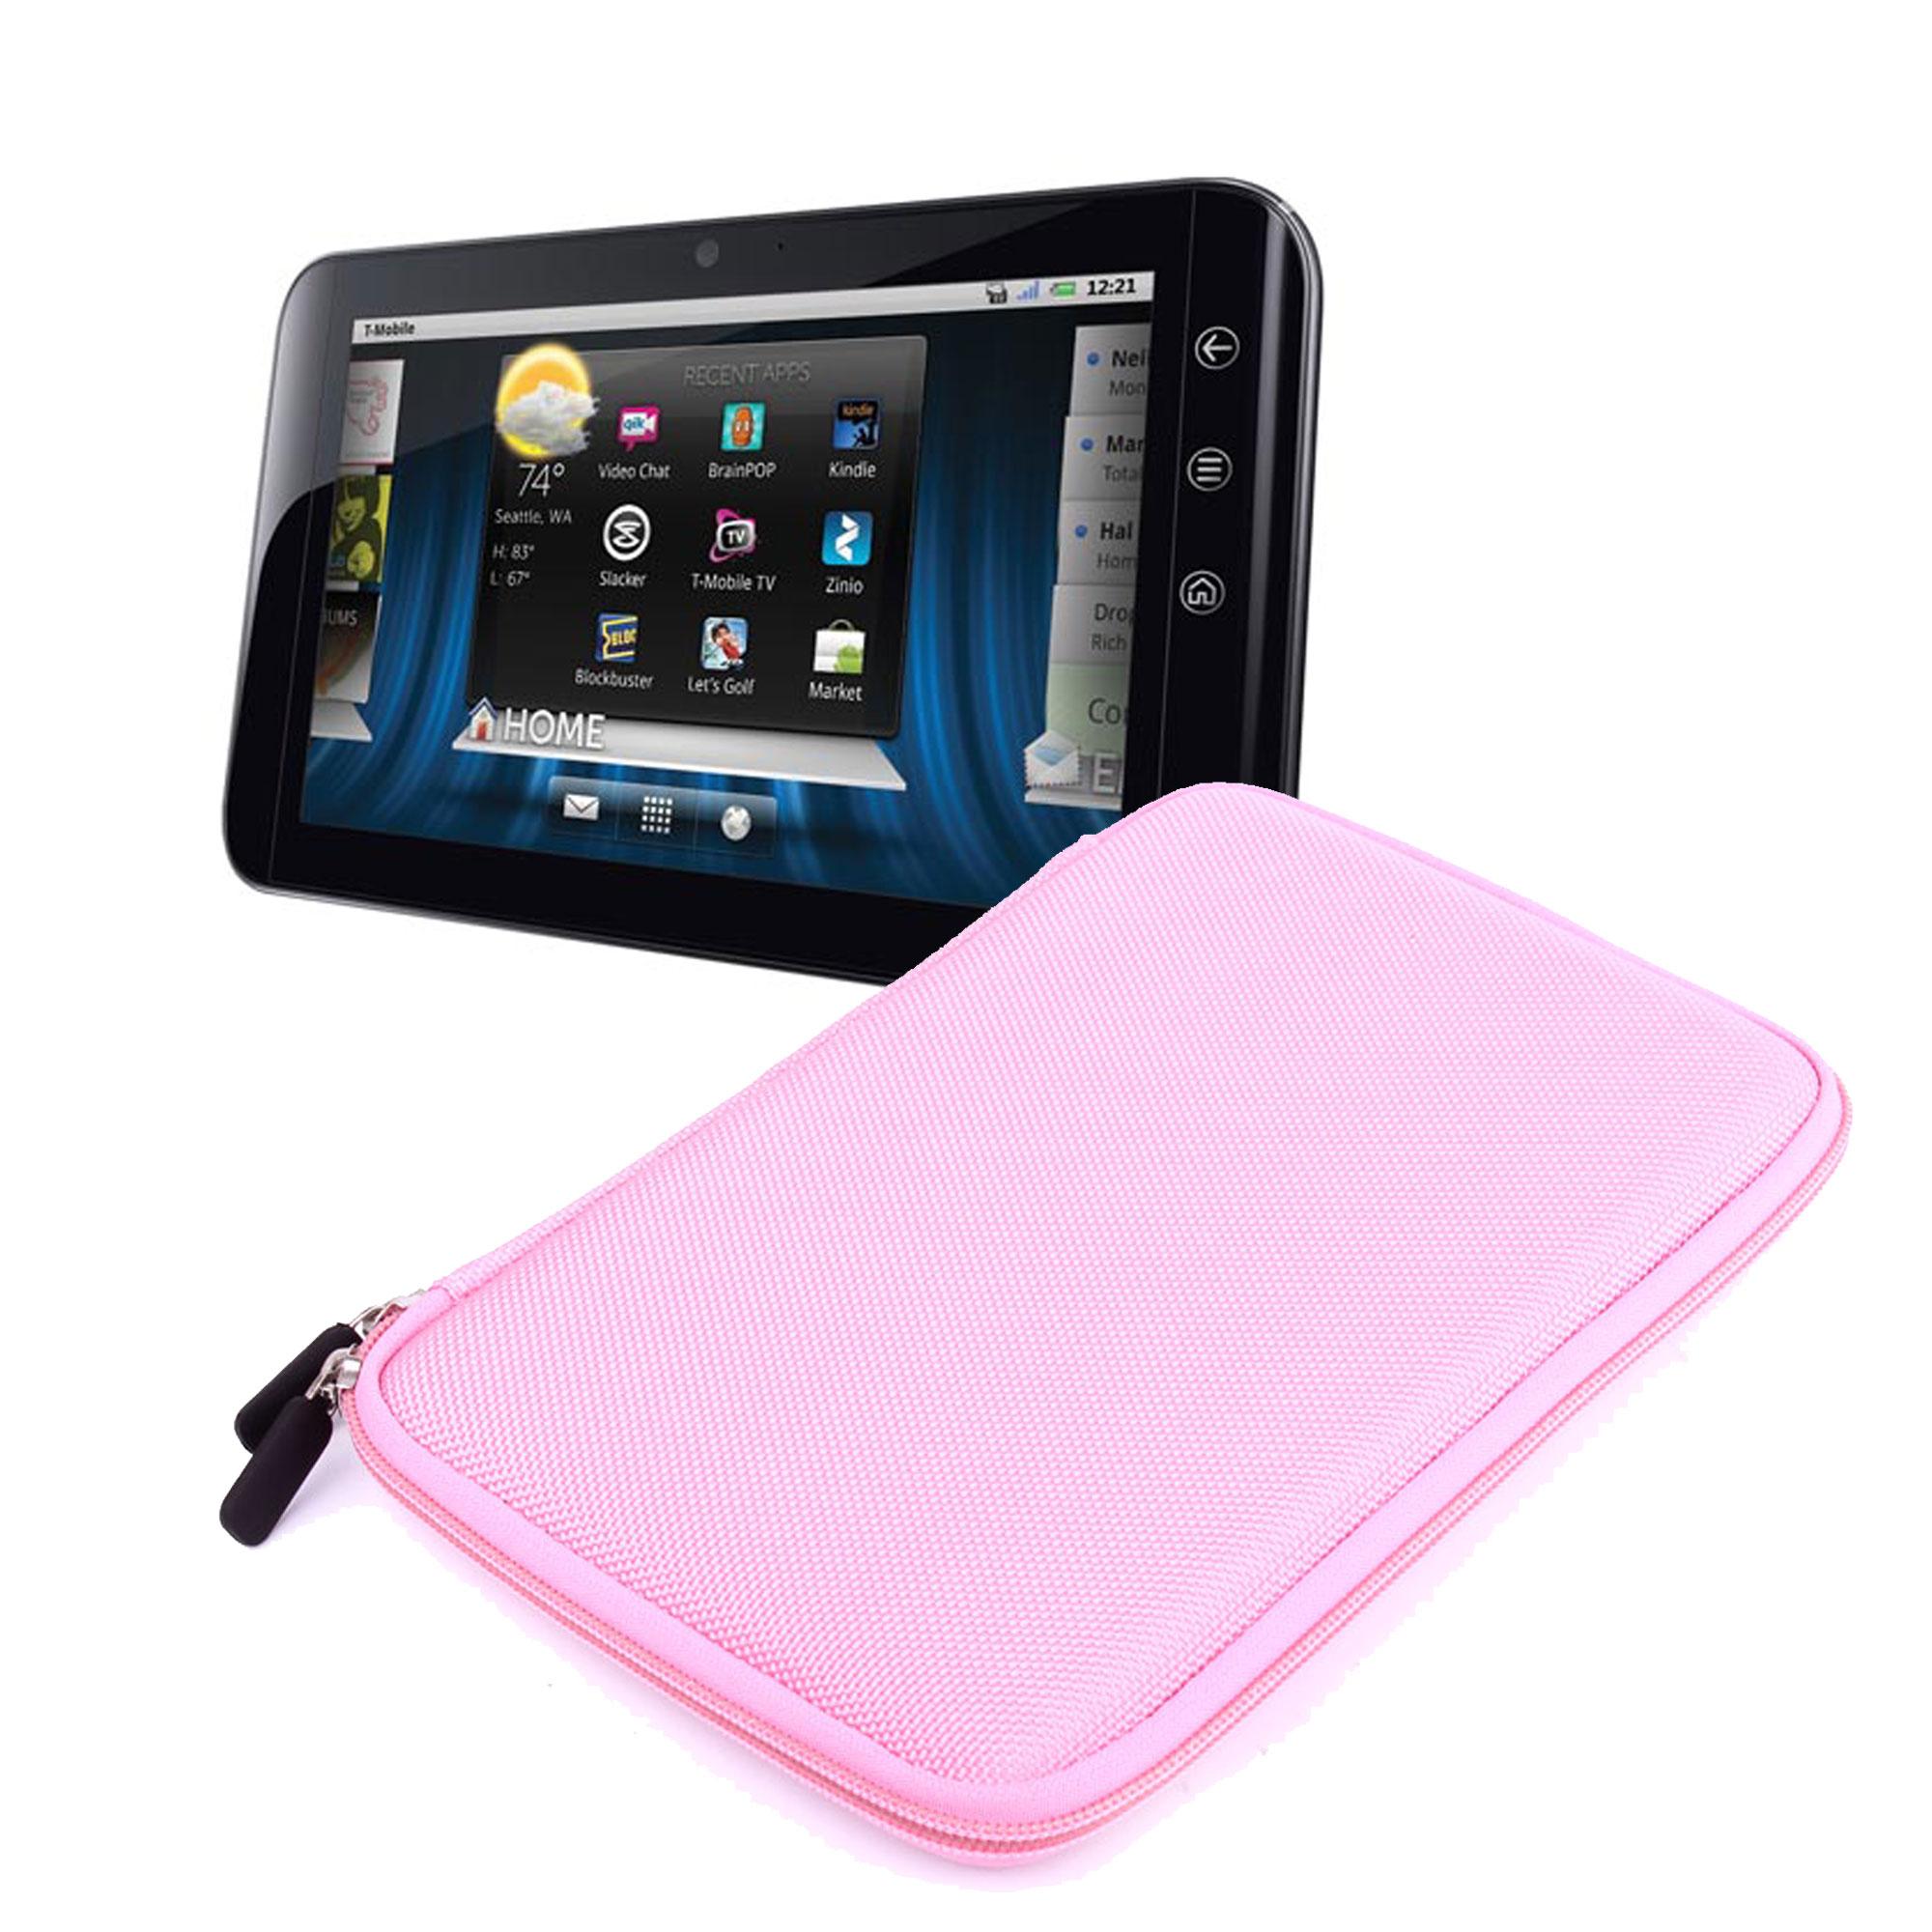 tui sac housse de protection rose pour la tablette dell streak 7 ebay. Black Bedroom Furniture Sets. Home Design Ideas